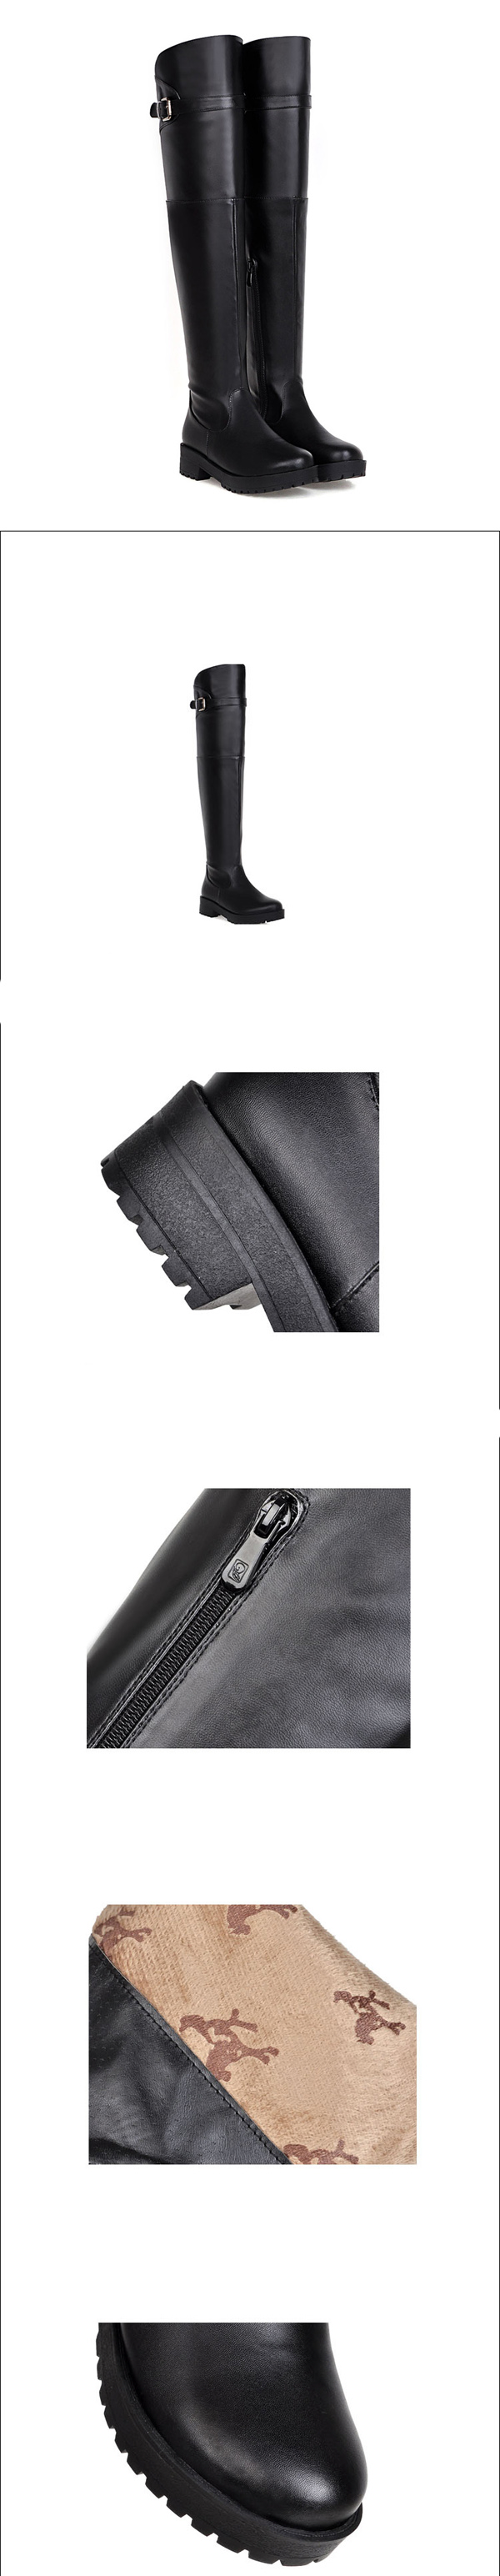 รองเท้าบูทยาว หนังมีส้นสวยแฟชั่นเกาหลีพื้นหยักใหม่ล่าสุด นำเข้า ไซส์33ถึง43 สีดำ - พรีออเดอร์RB2310 ราคา1900บาท